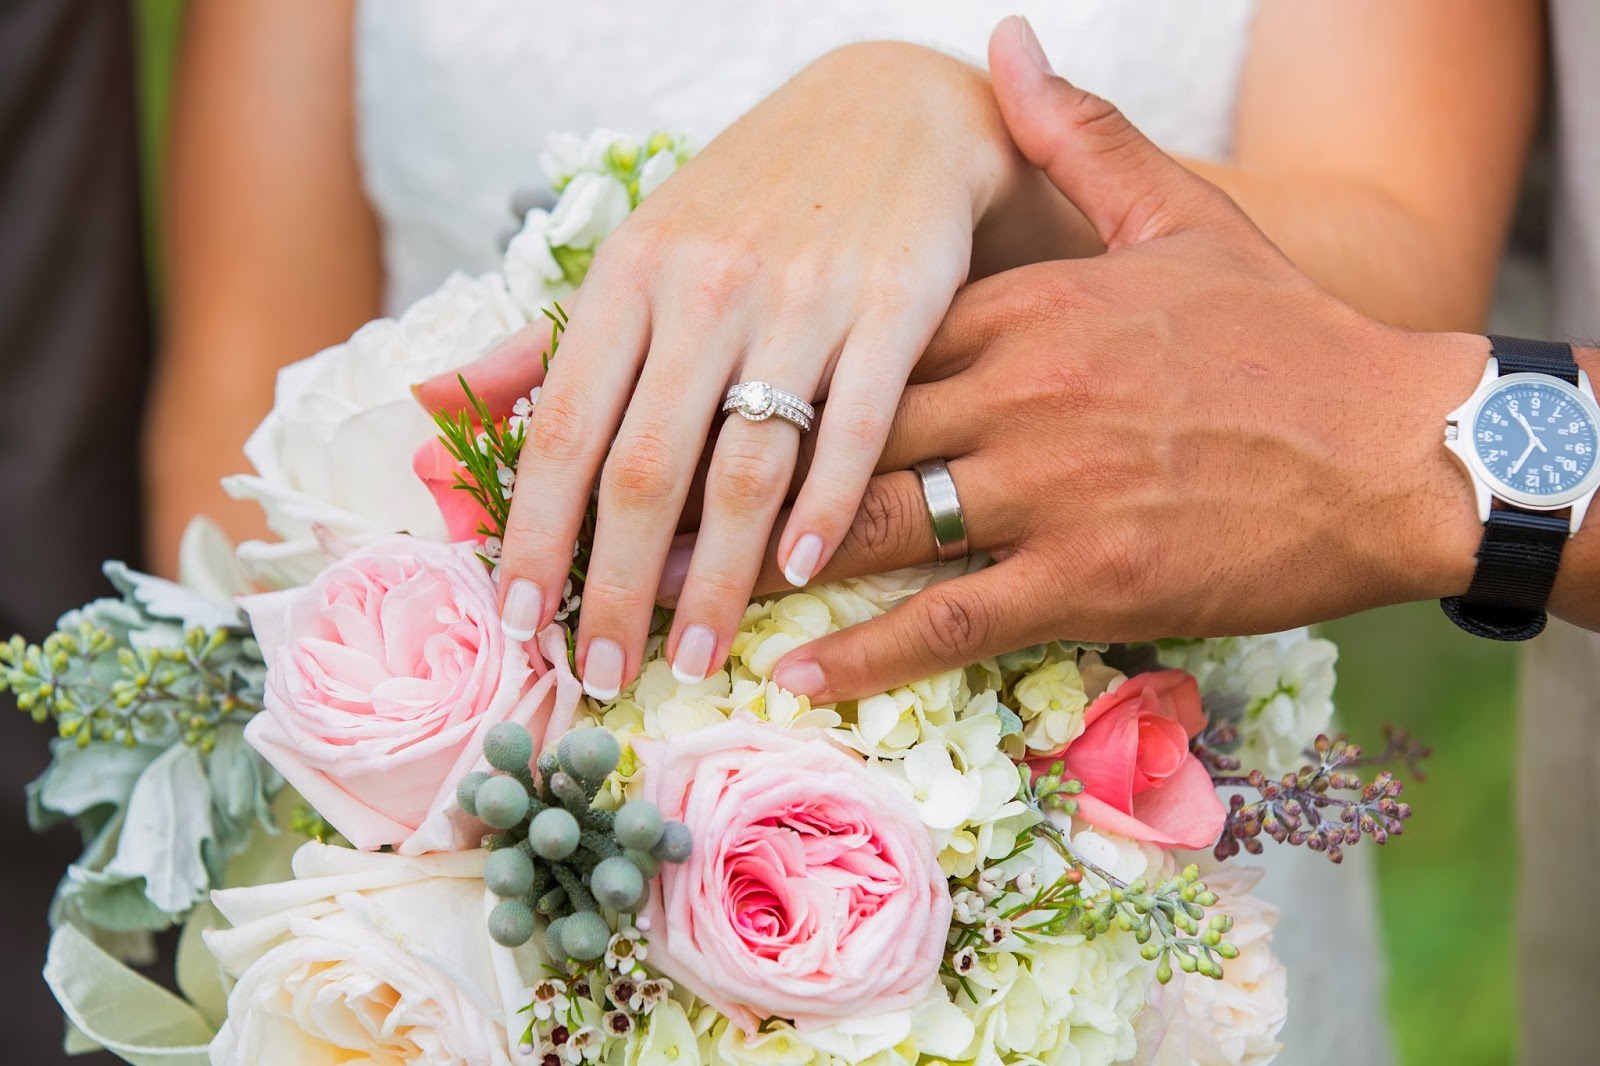 Duyên nợ vợ chồng ở đời trước và kiếp này đều được gắn kết bởi những điều sau - Ảnh 1